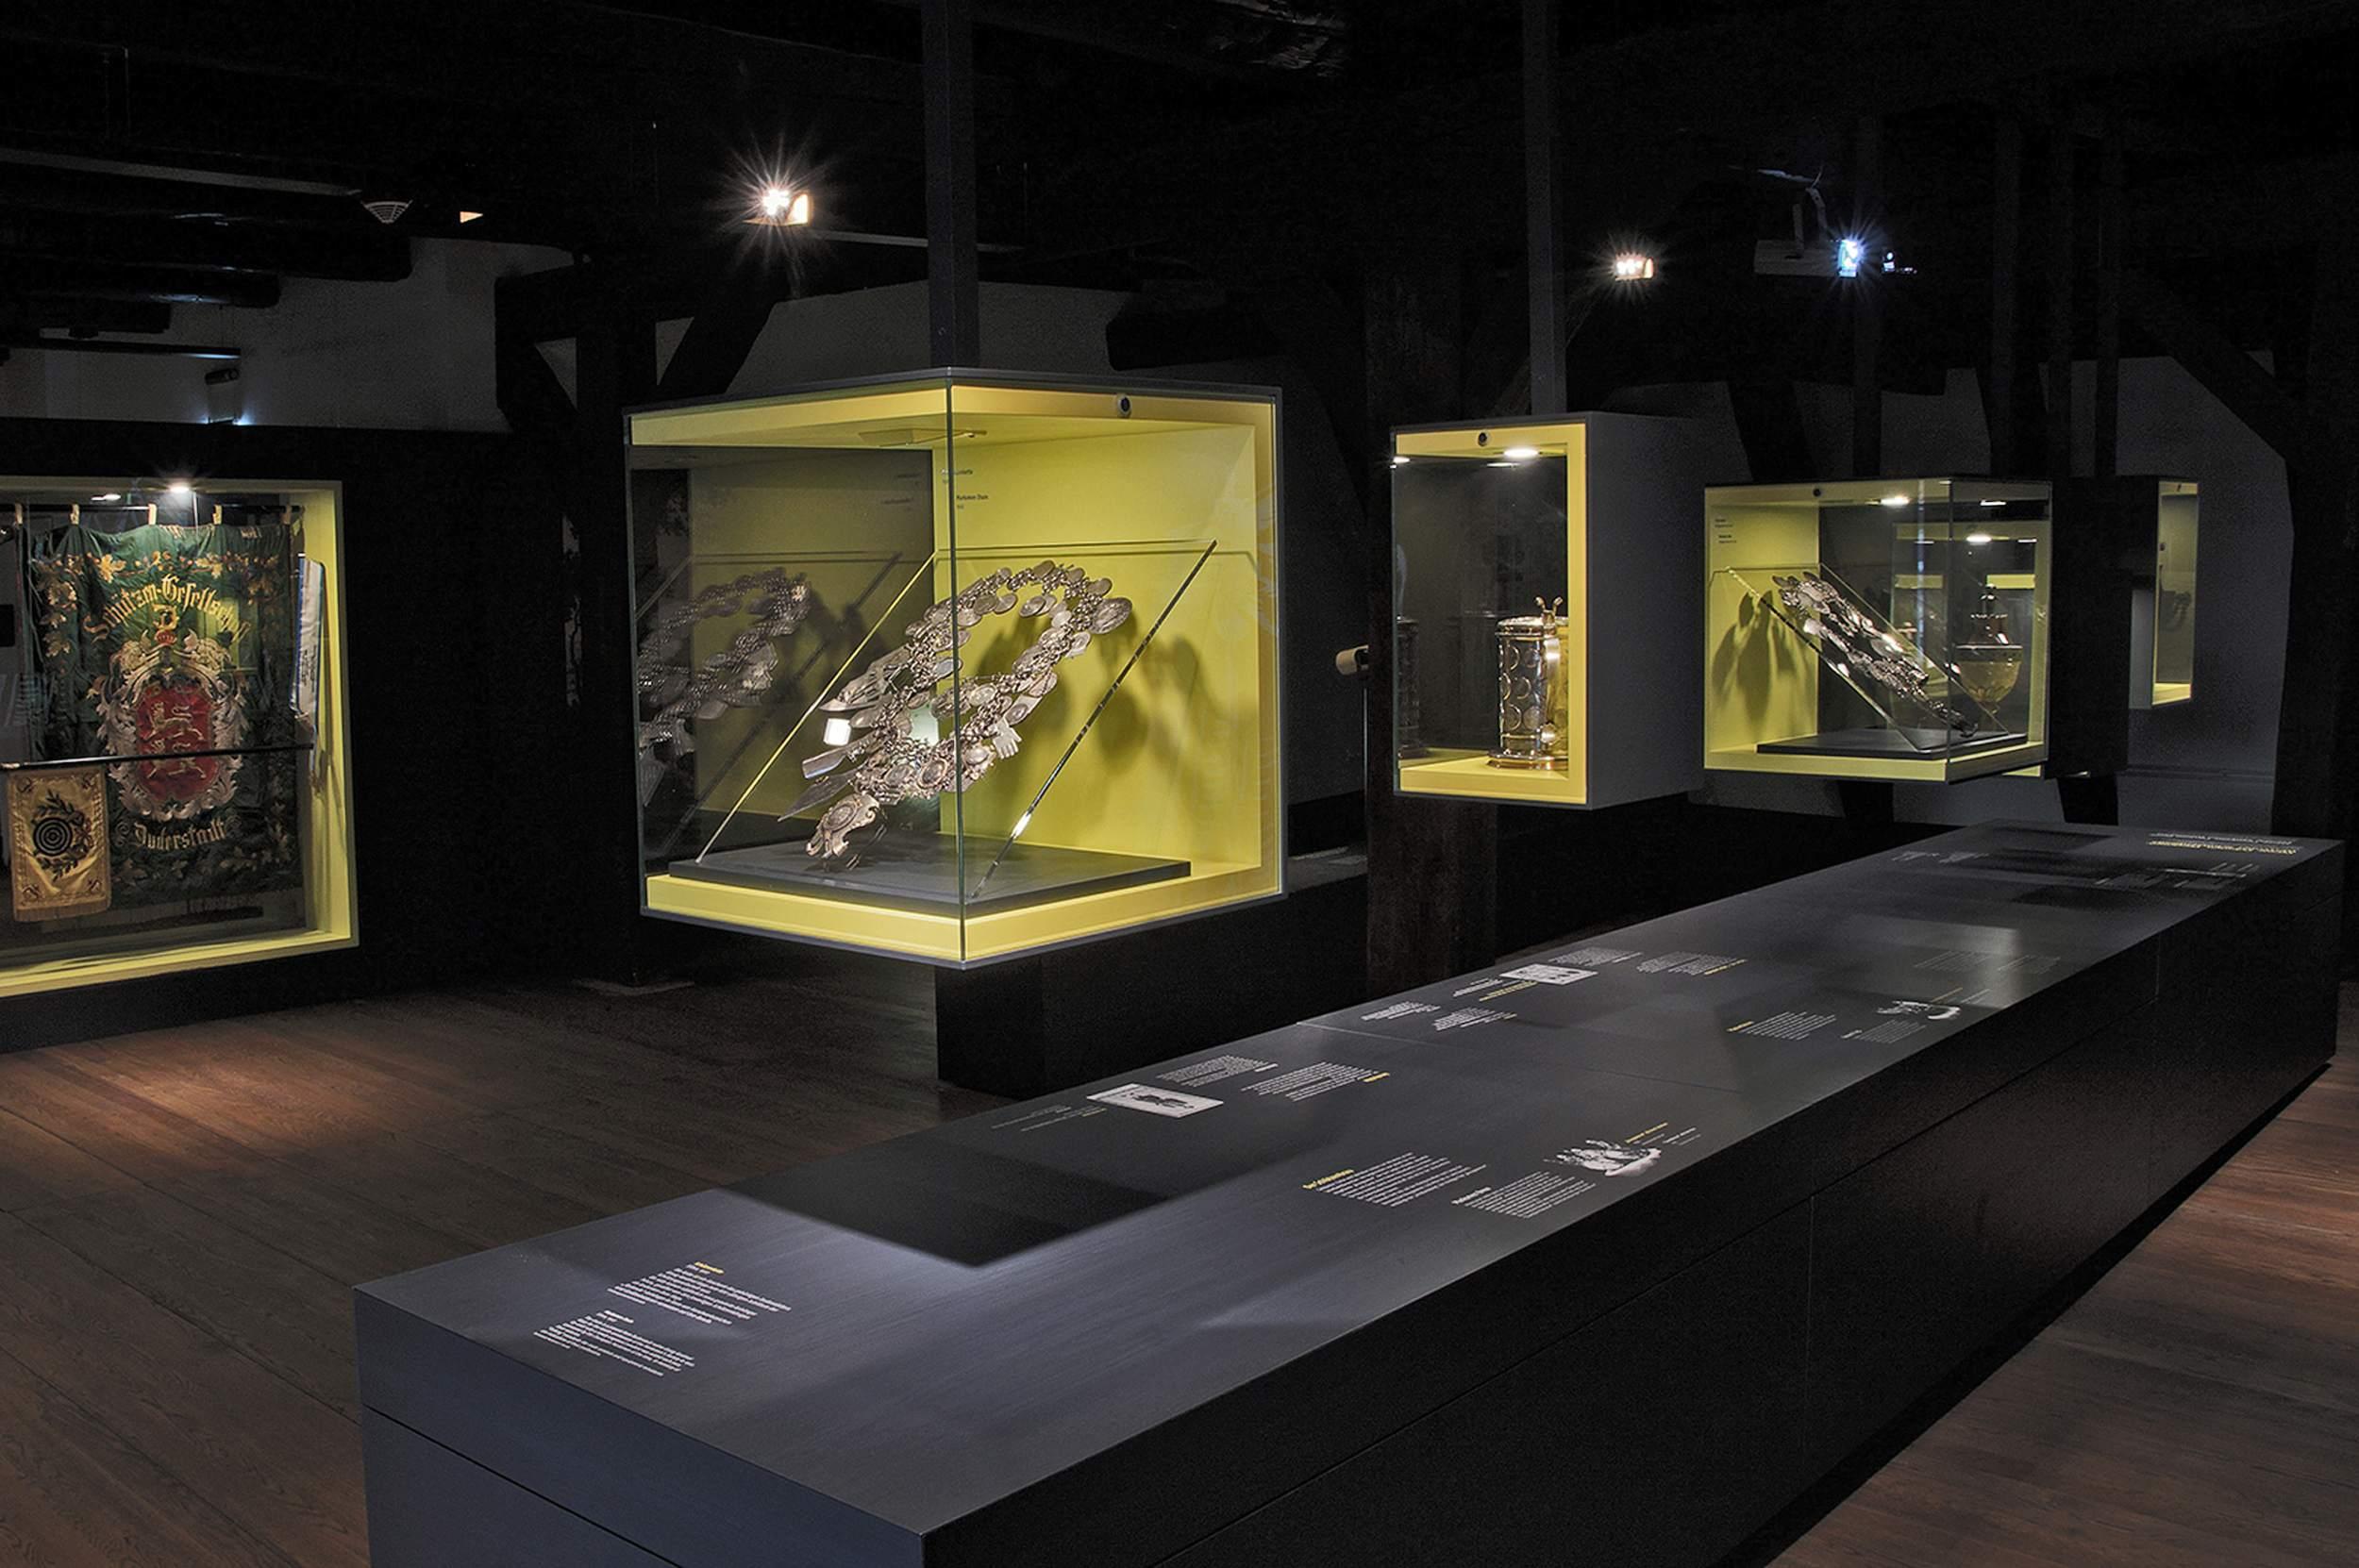 Duderstadt - Das Duderstädter Rathaus - Wertvolle Exponate aus der Stadtgeschichte